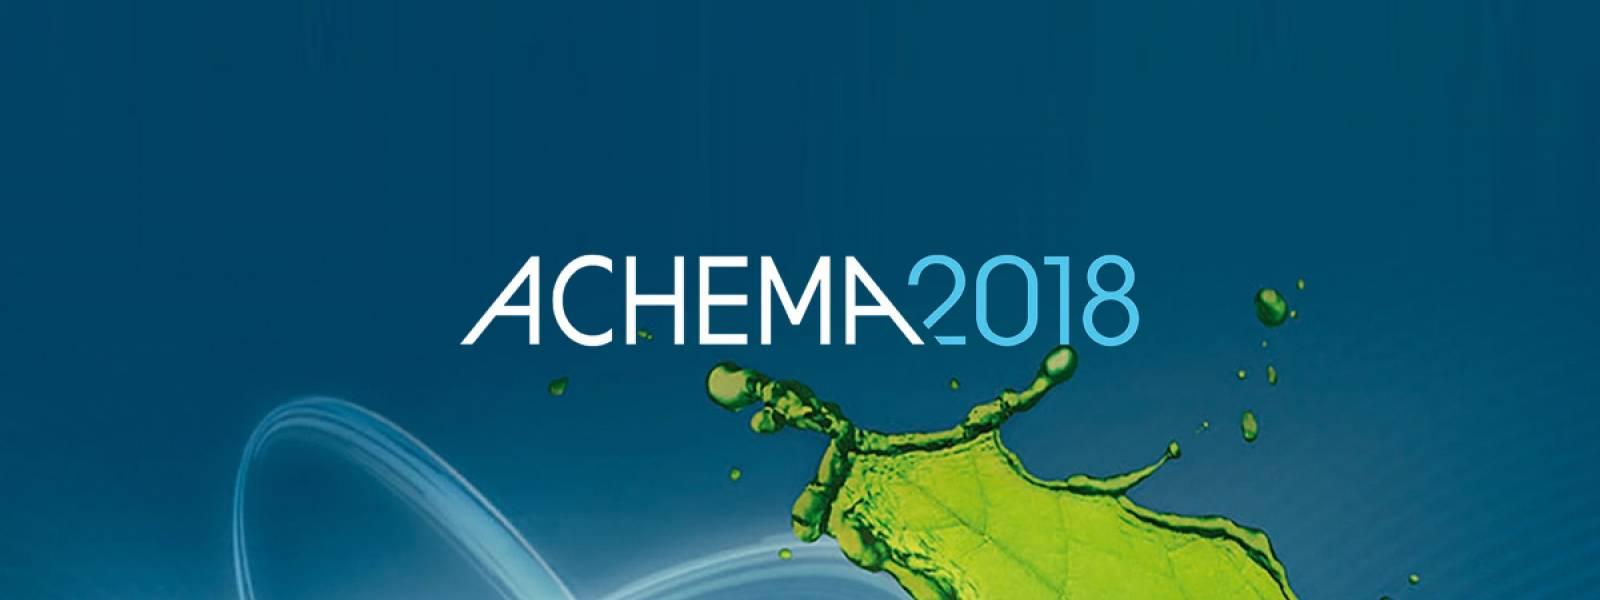 achema 2018 optimex